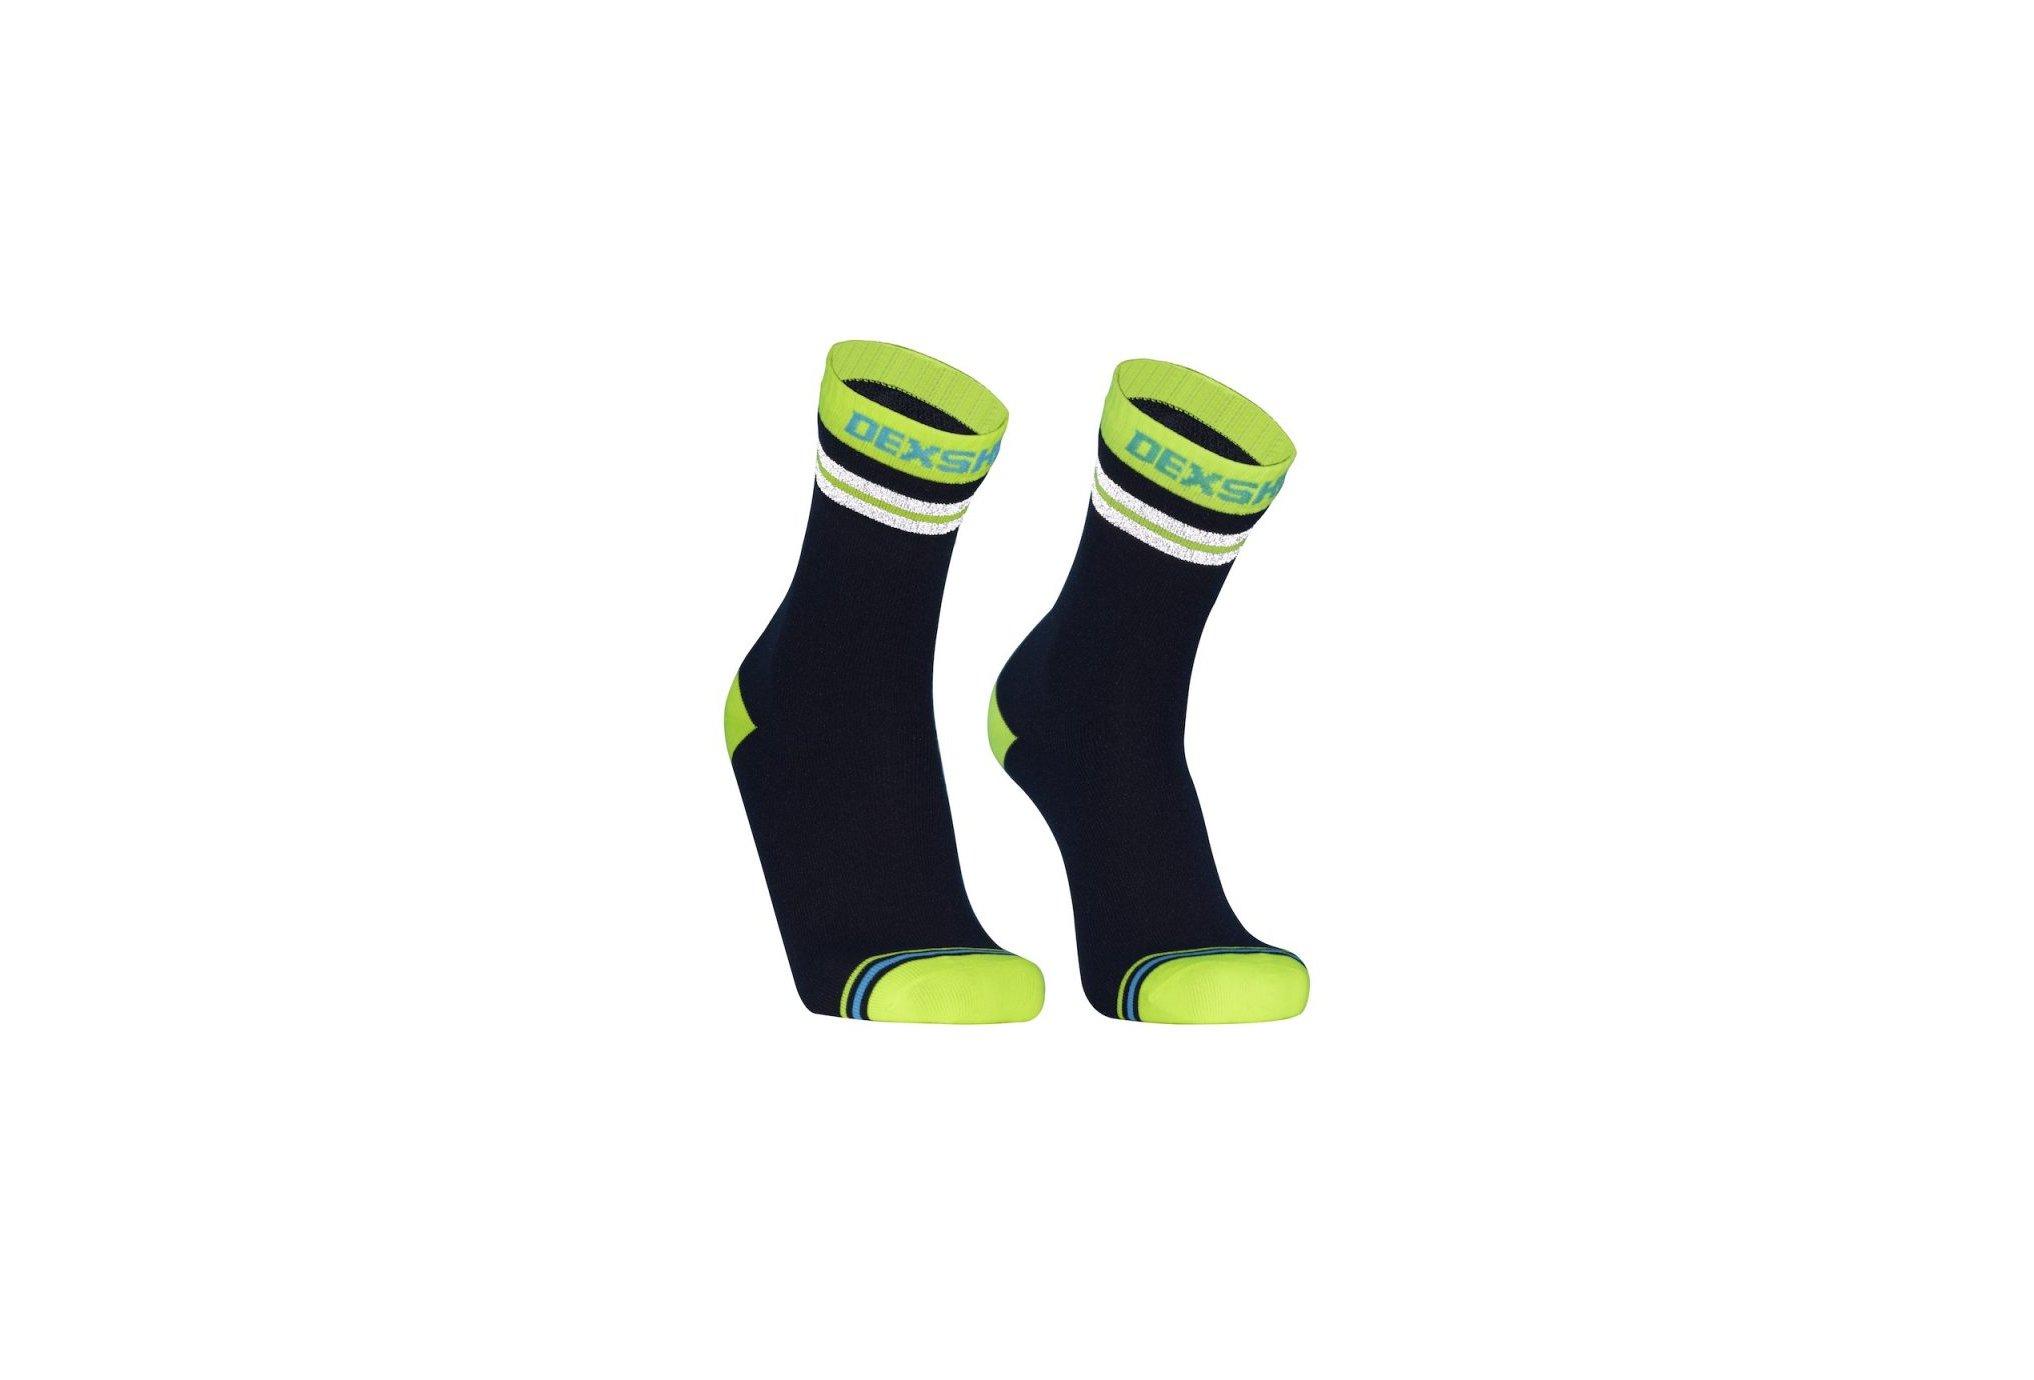 DexShell Pro Visibility Chaussettes